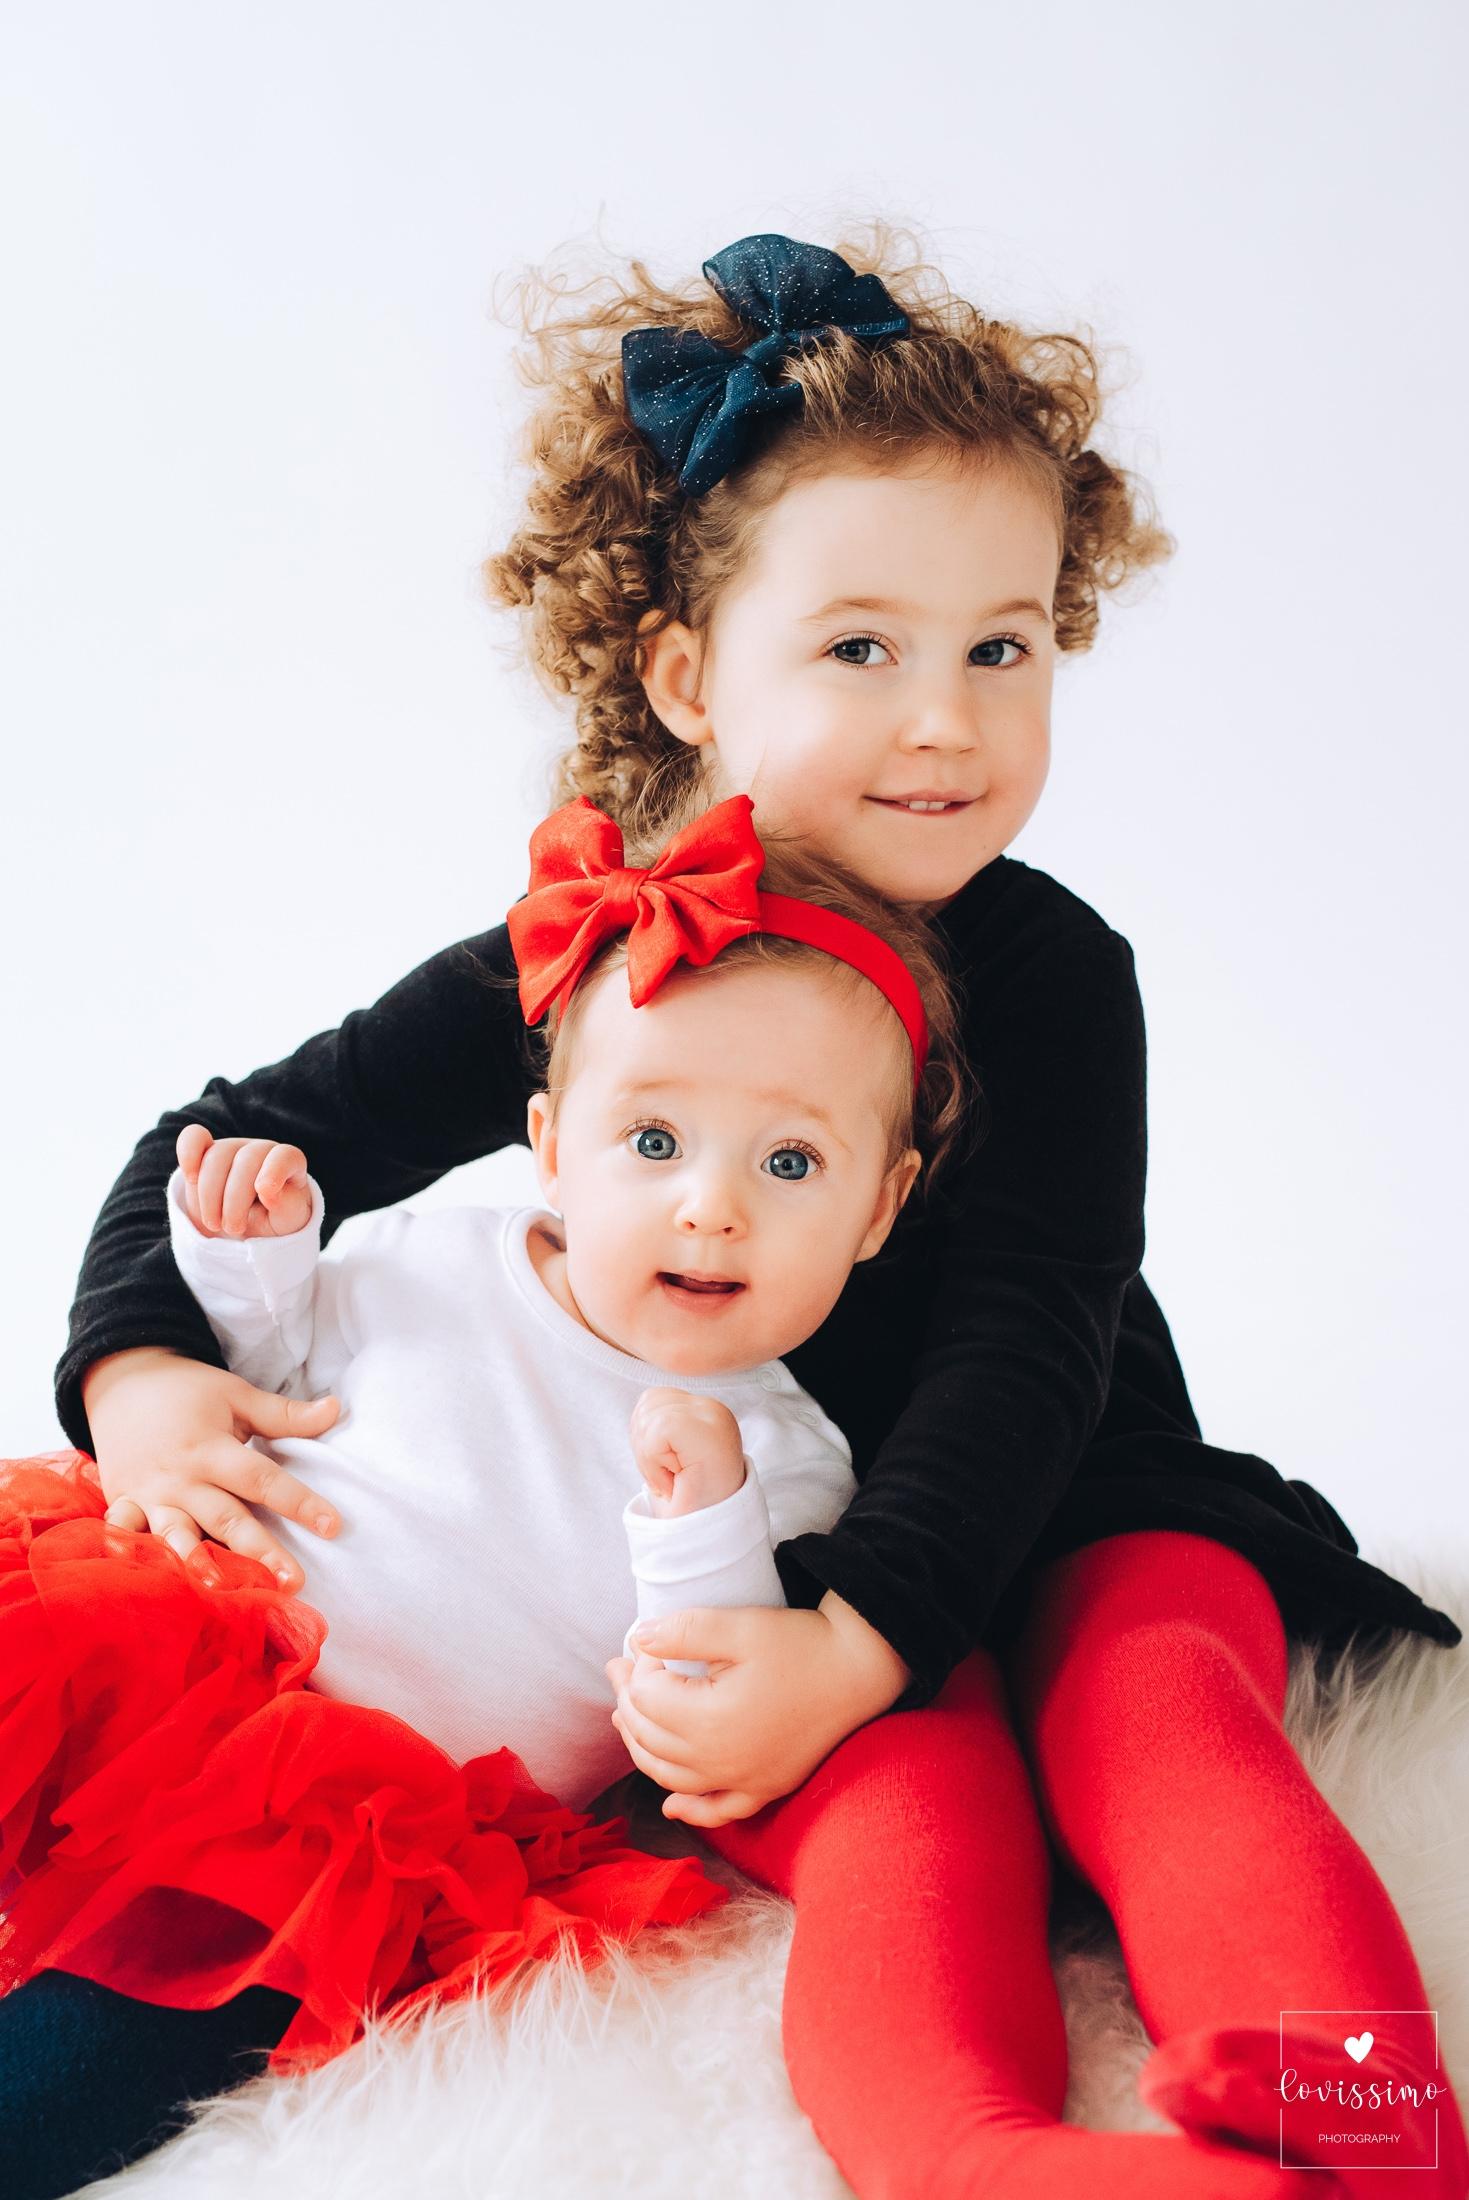 Sesja dziecięca Rzeszów, fotograf rodzinny Lovissimo